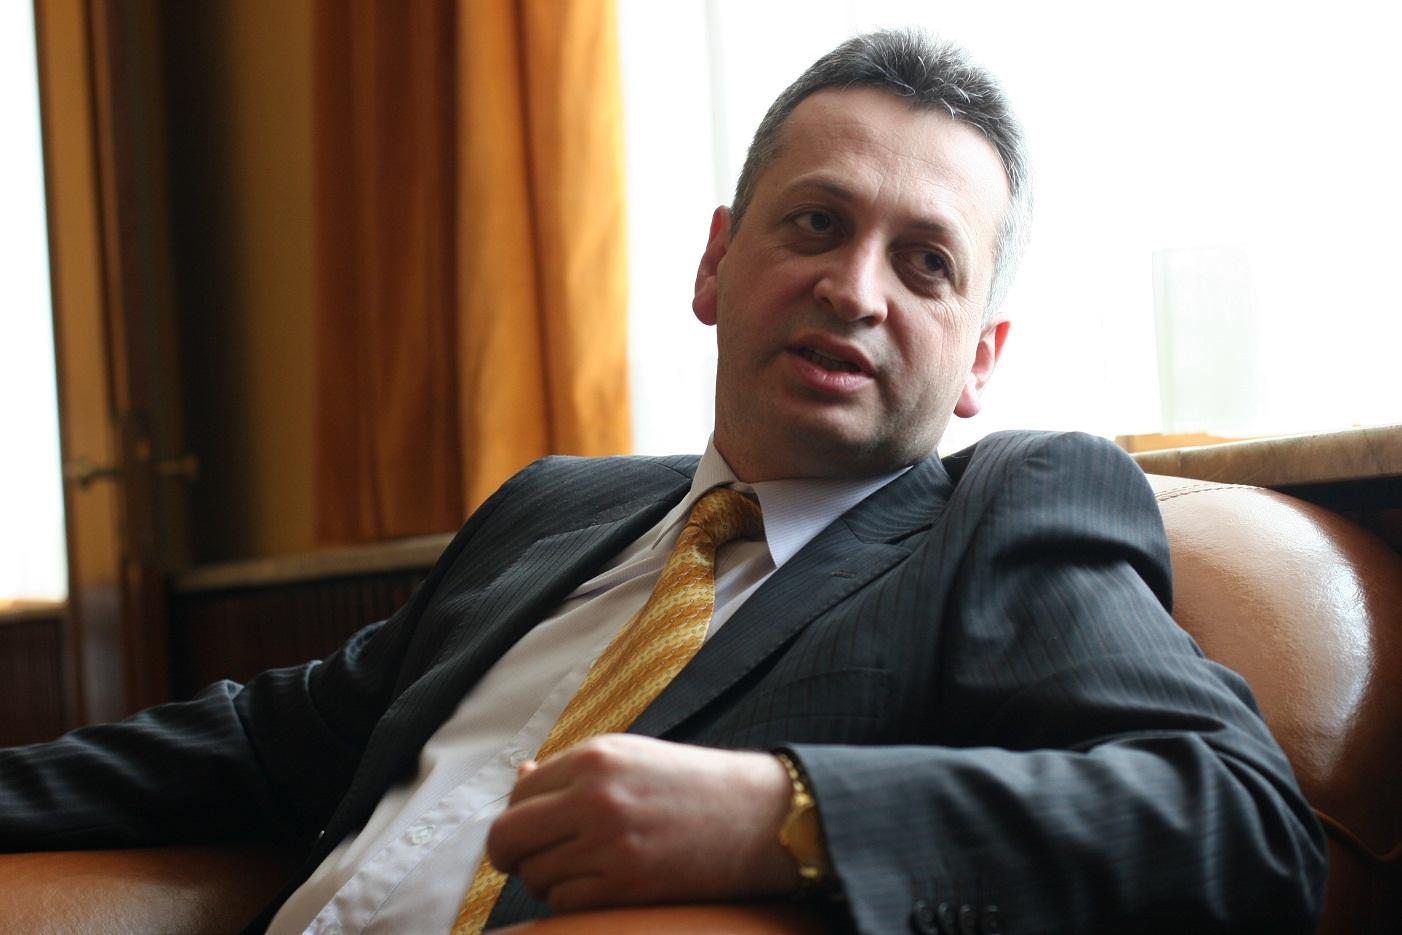 """Fenechiu: """"Când am ajuns ministru, am făcut tot ce mi-a stat în putinţă pentru eliminarea corupţiei"""""""